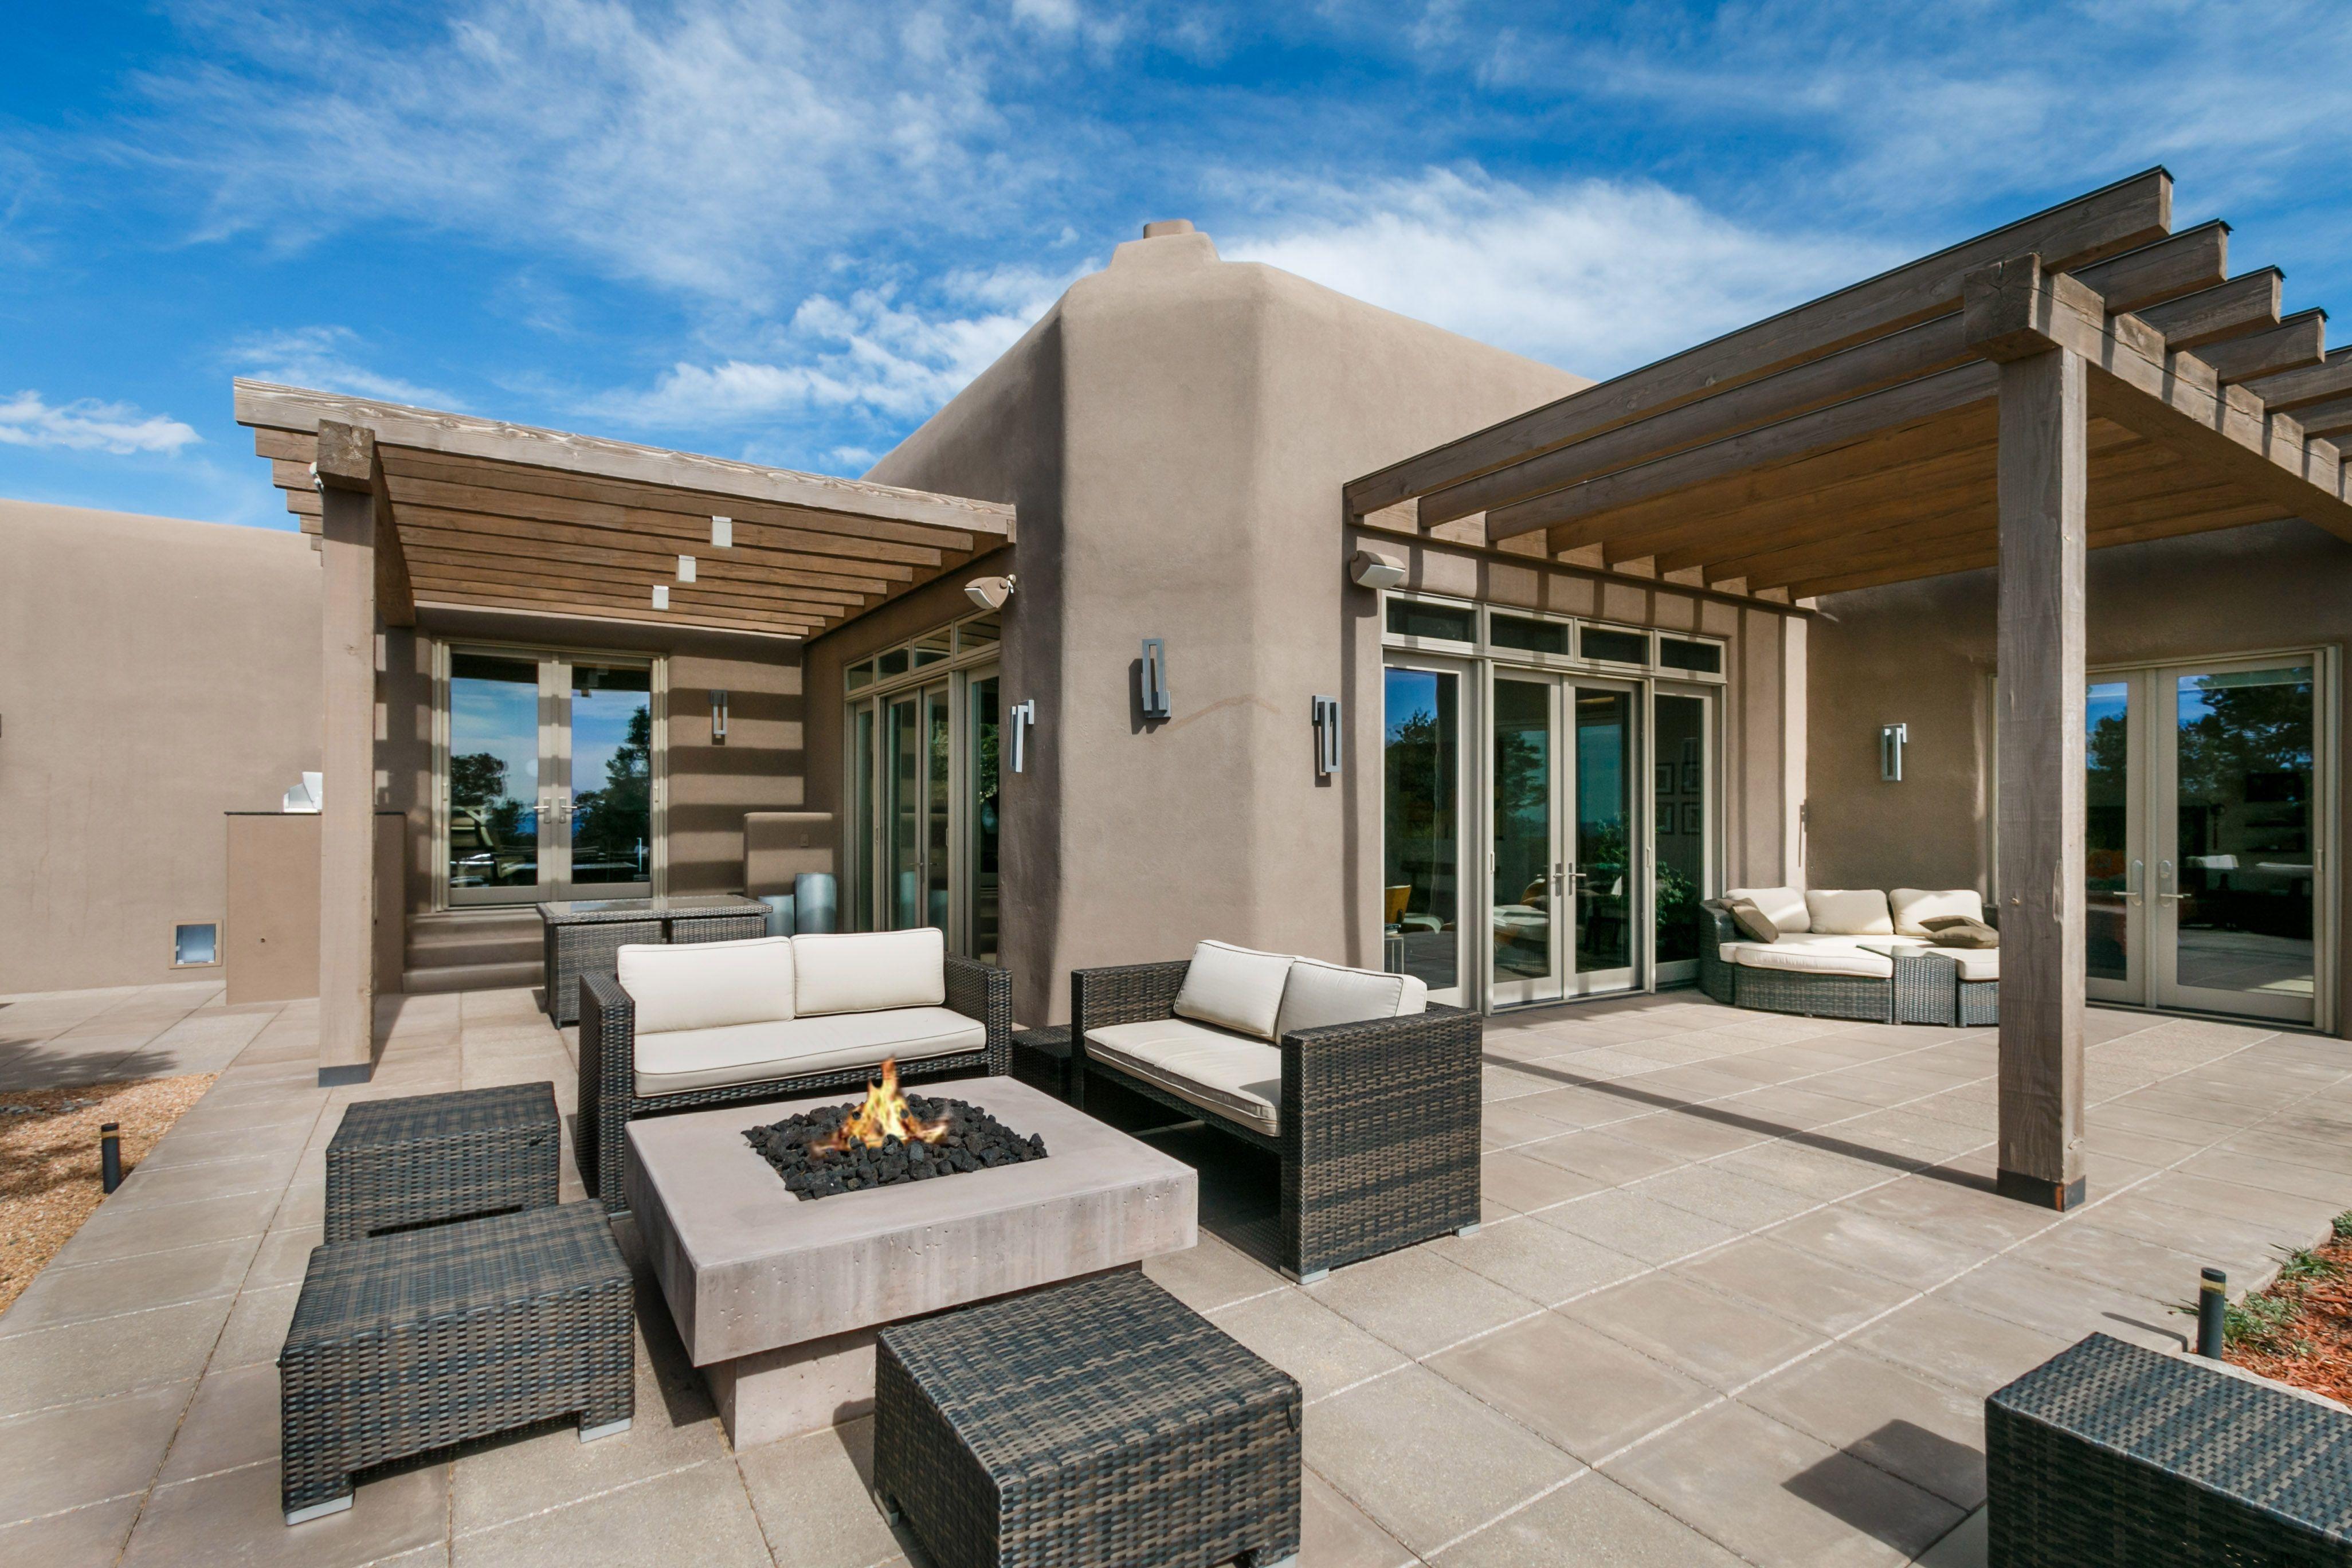 Santa Fe Real Estate & Santa Fe Homes for Sale | Santa Fe, NM ...